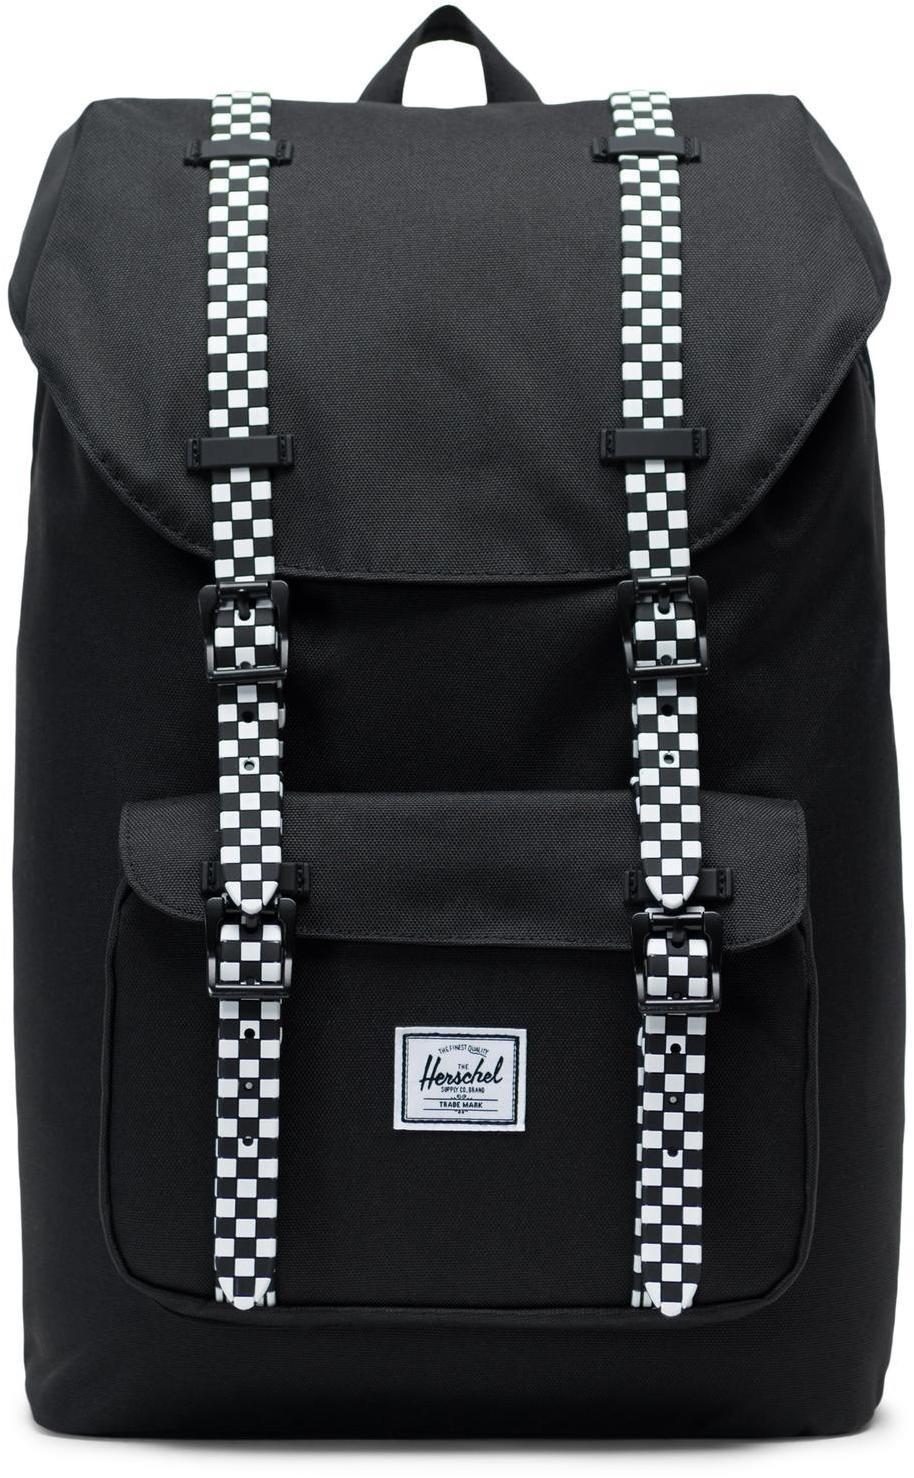 Herschel Little America Mid-Volume Backpack 17L, black/checkerboard (2019)   Rygsæk og rejsetasker